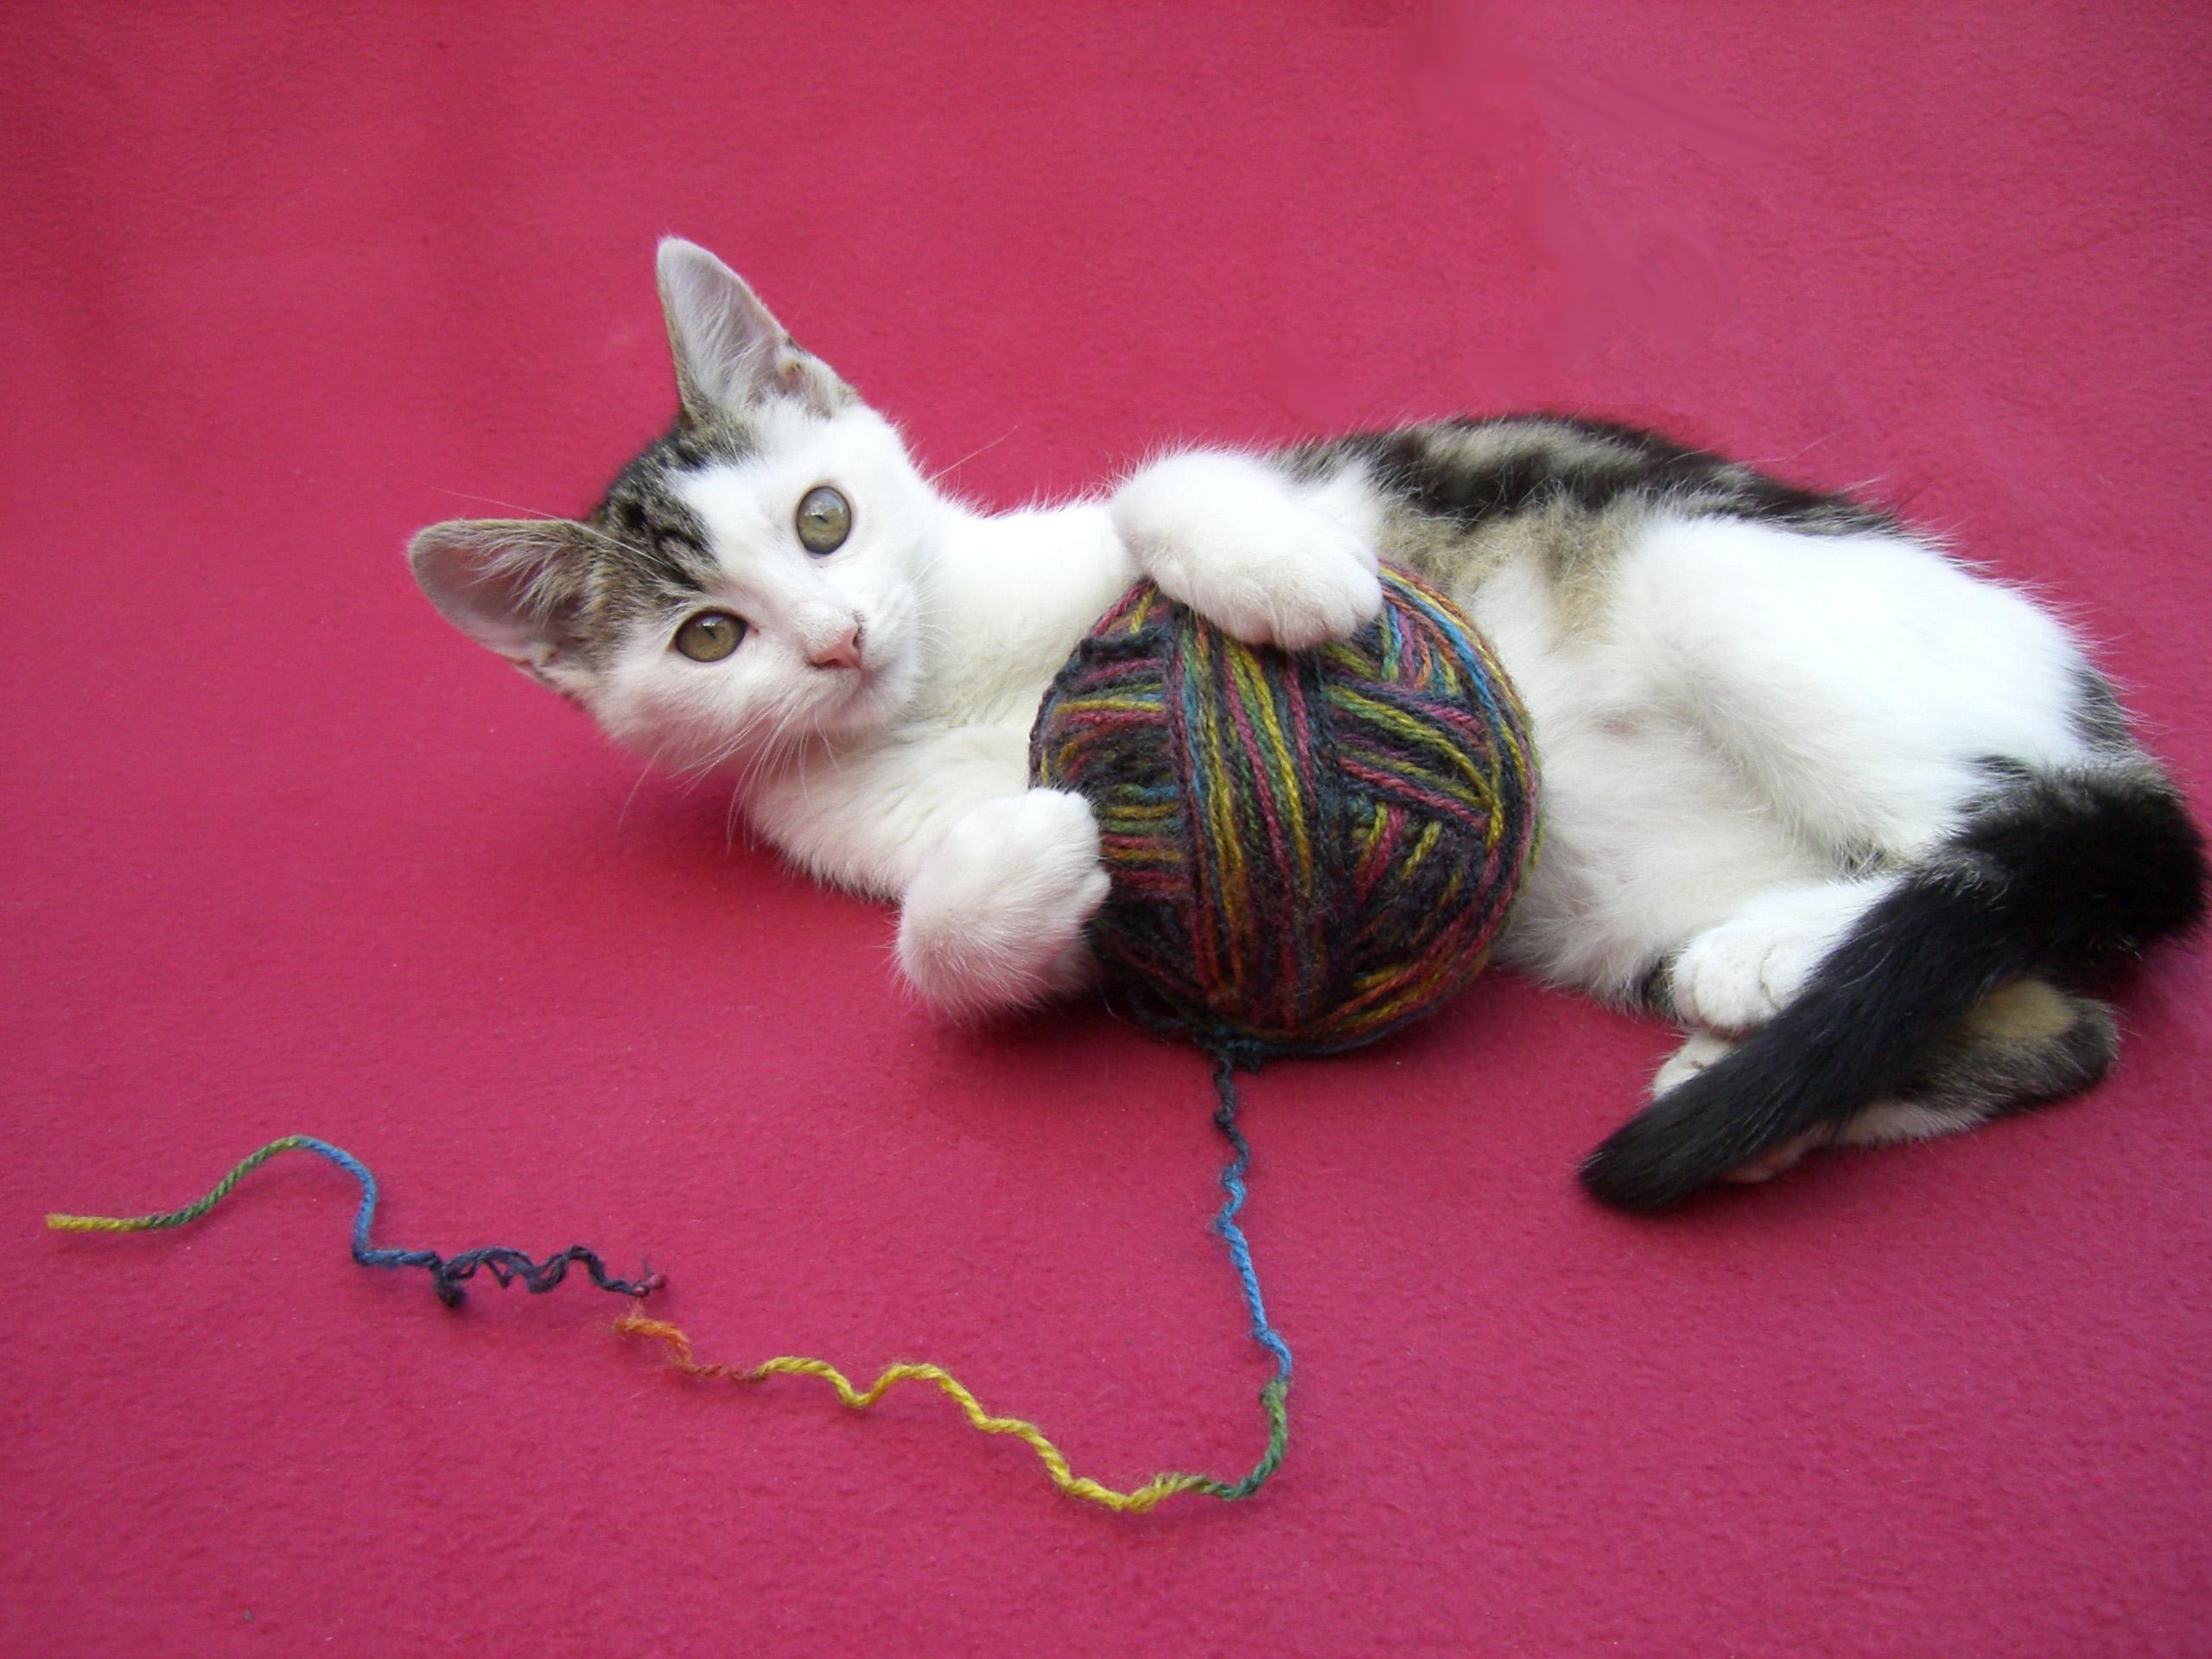 Spielendes Kätzchen.JPG